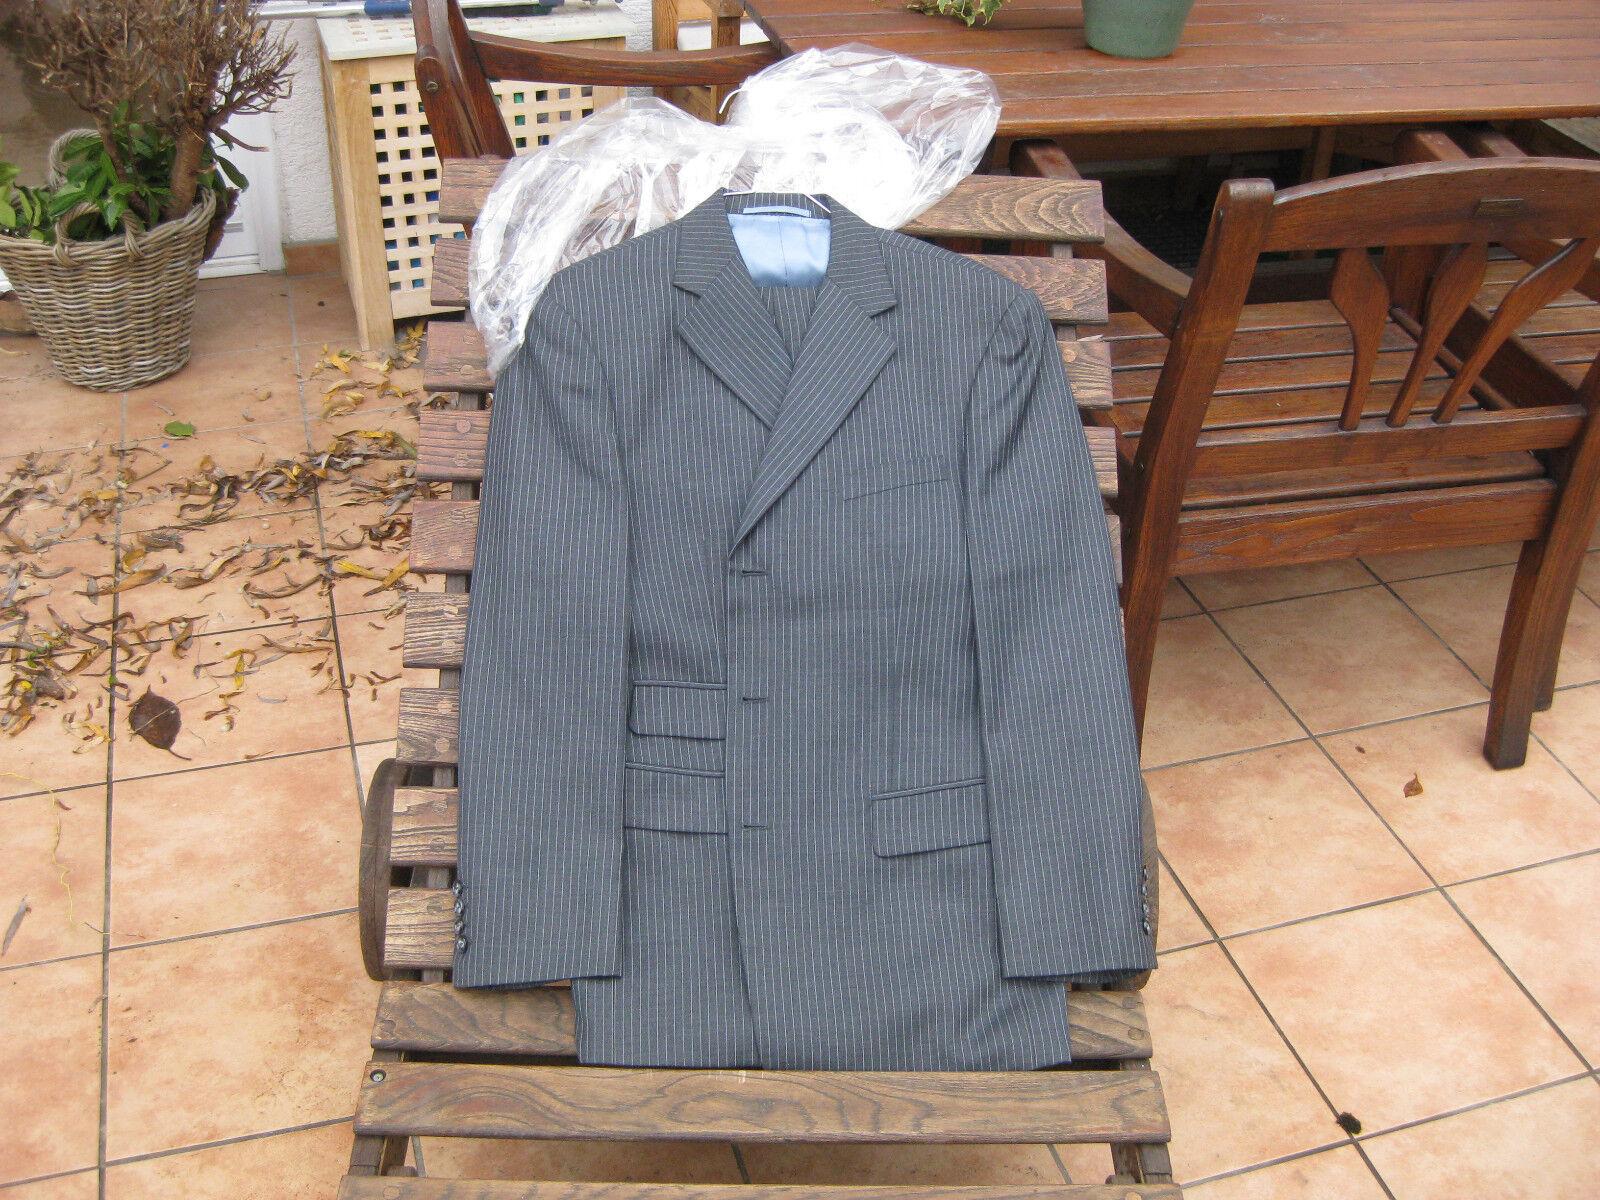 Herren Mass Anzug aus Hong-Kong Größe 48 grau mit taubenblauen Nadelstreifen top